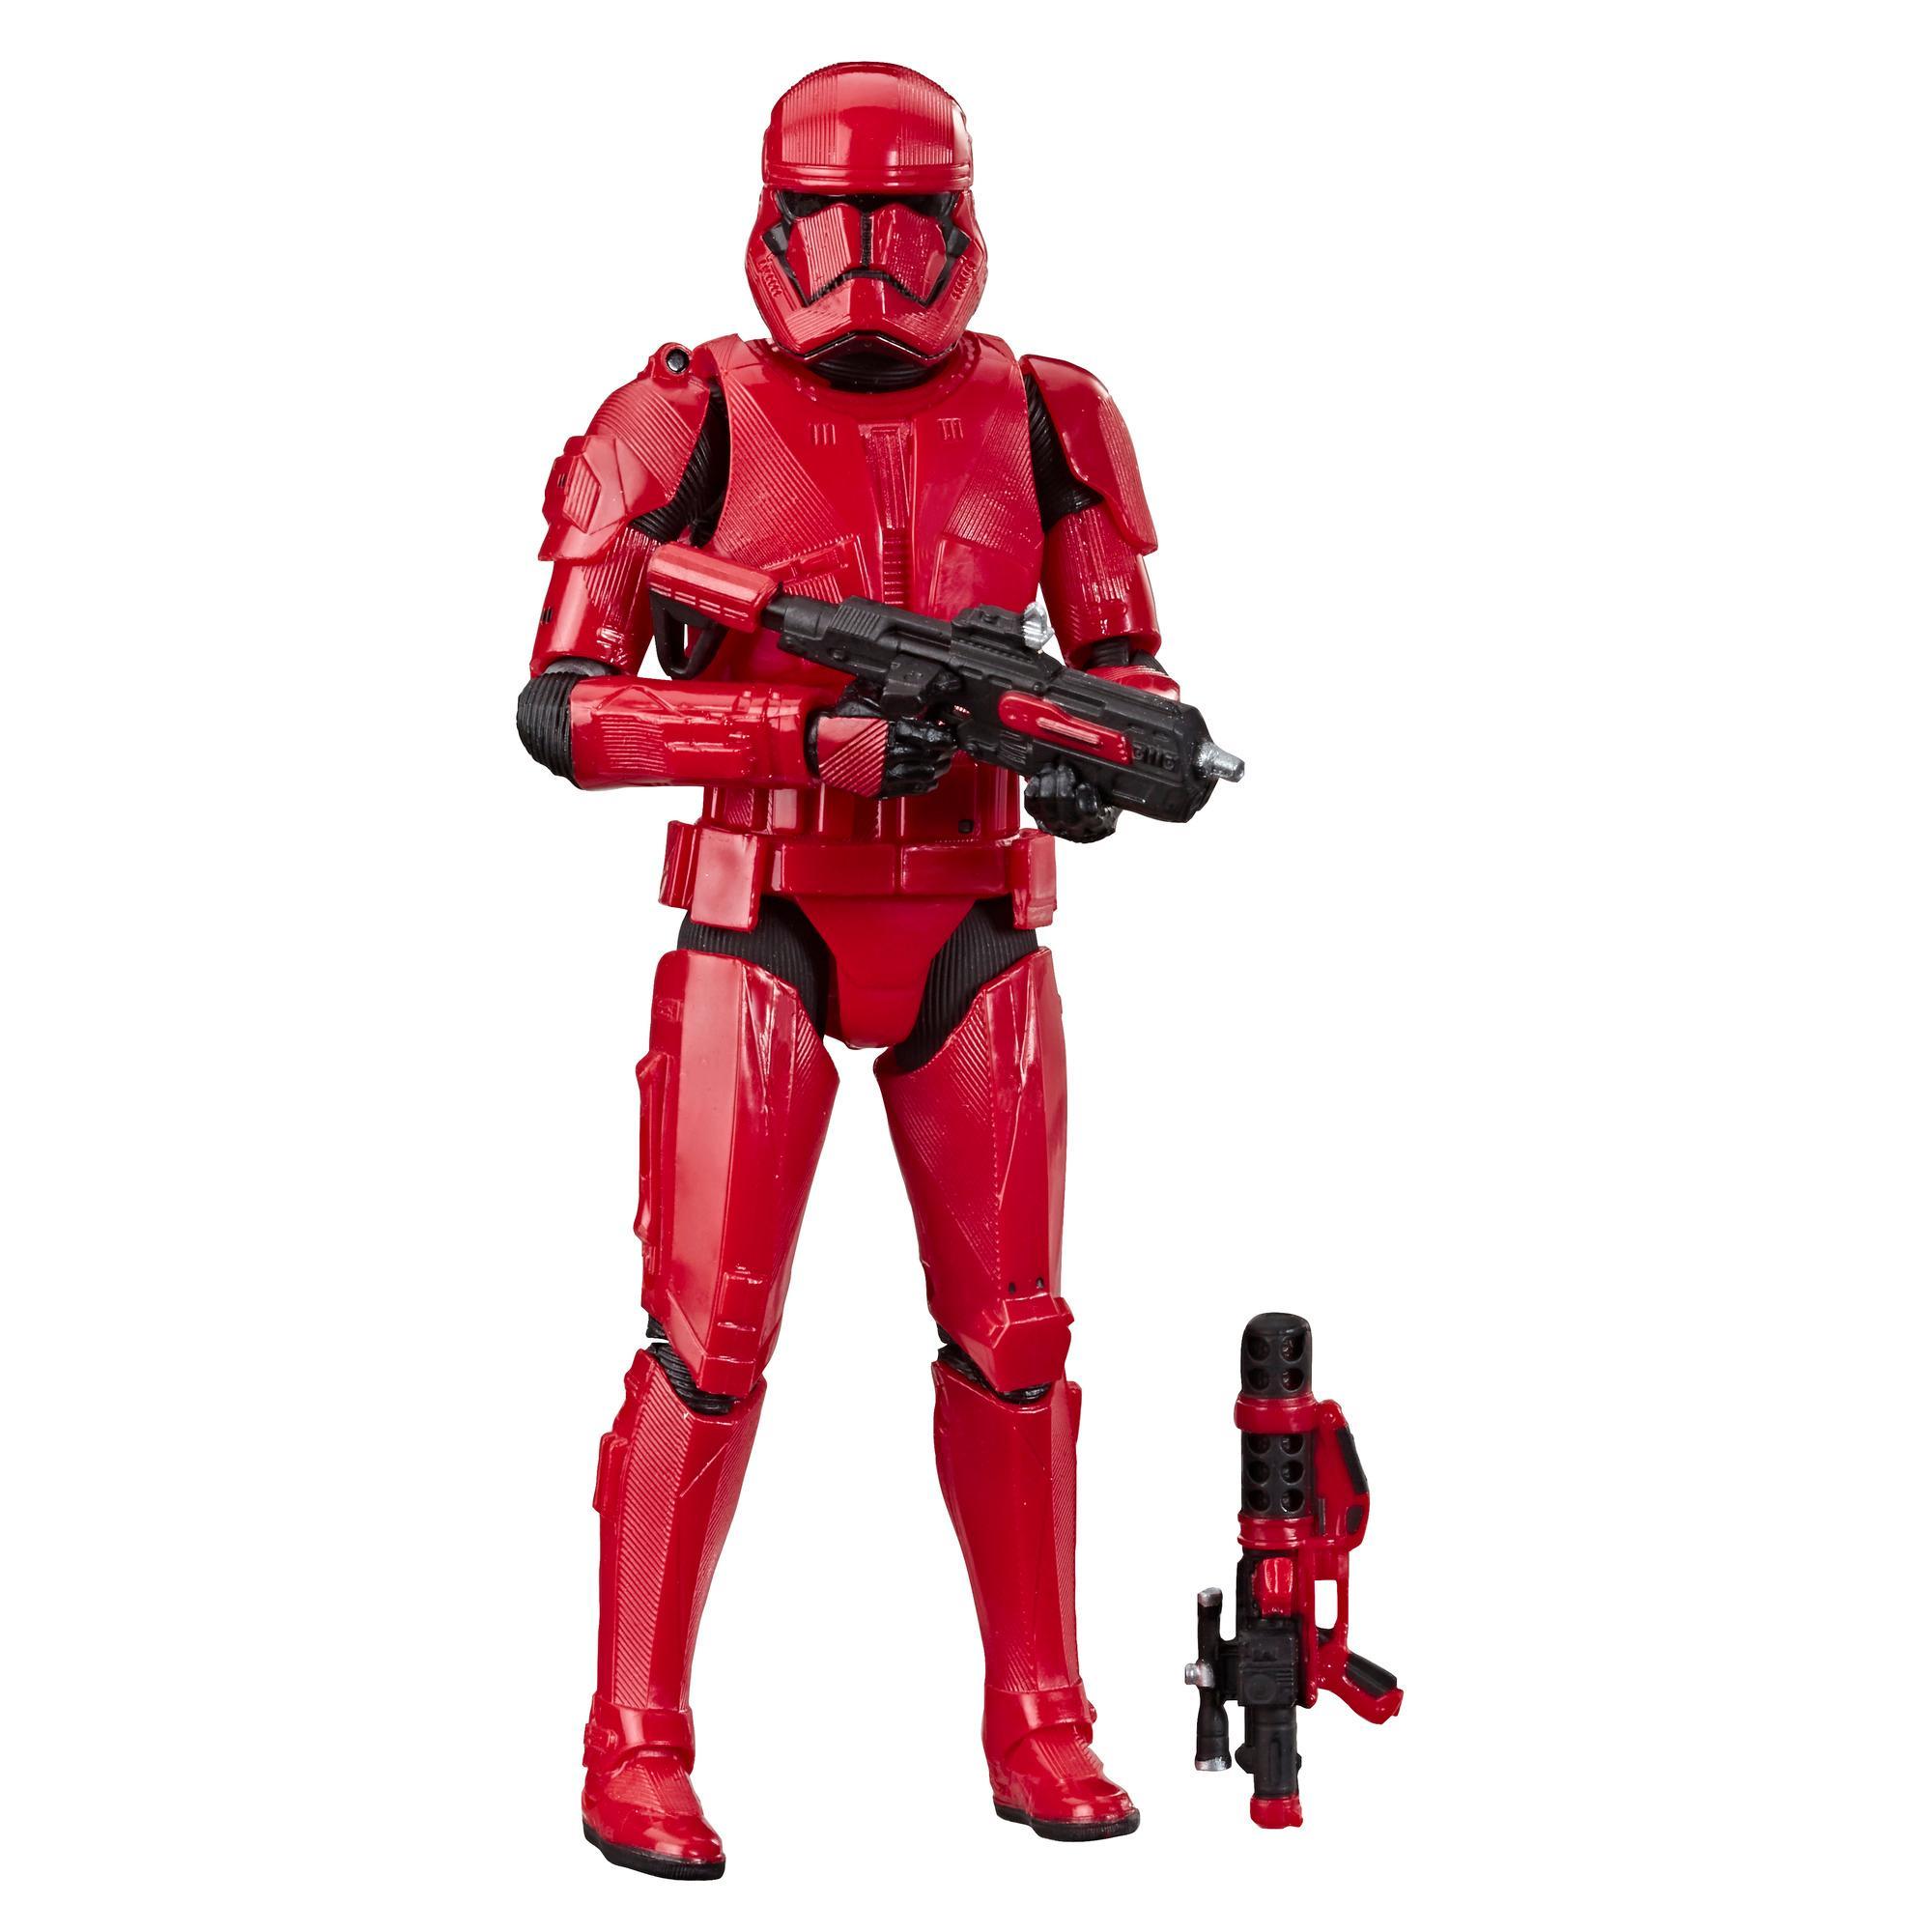 Star Wars The Black Series - Figurine Sith Trooper de 15 cm de Star Wars : L'ascension de Skywalker, à partir de 4 ans